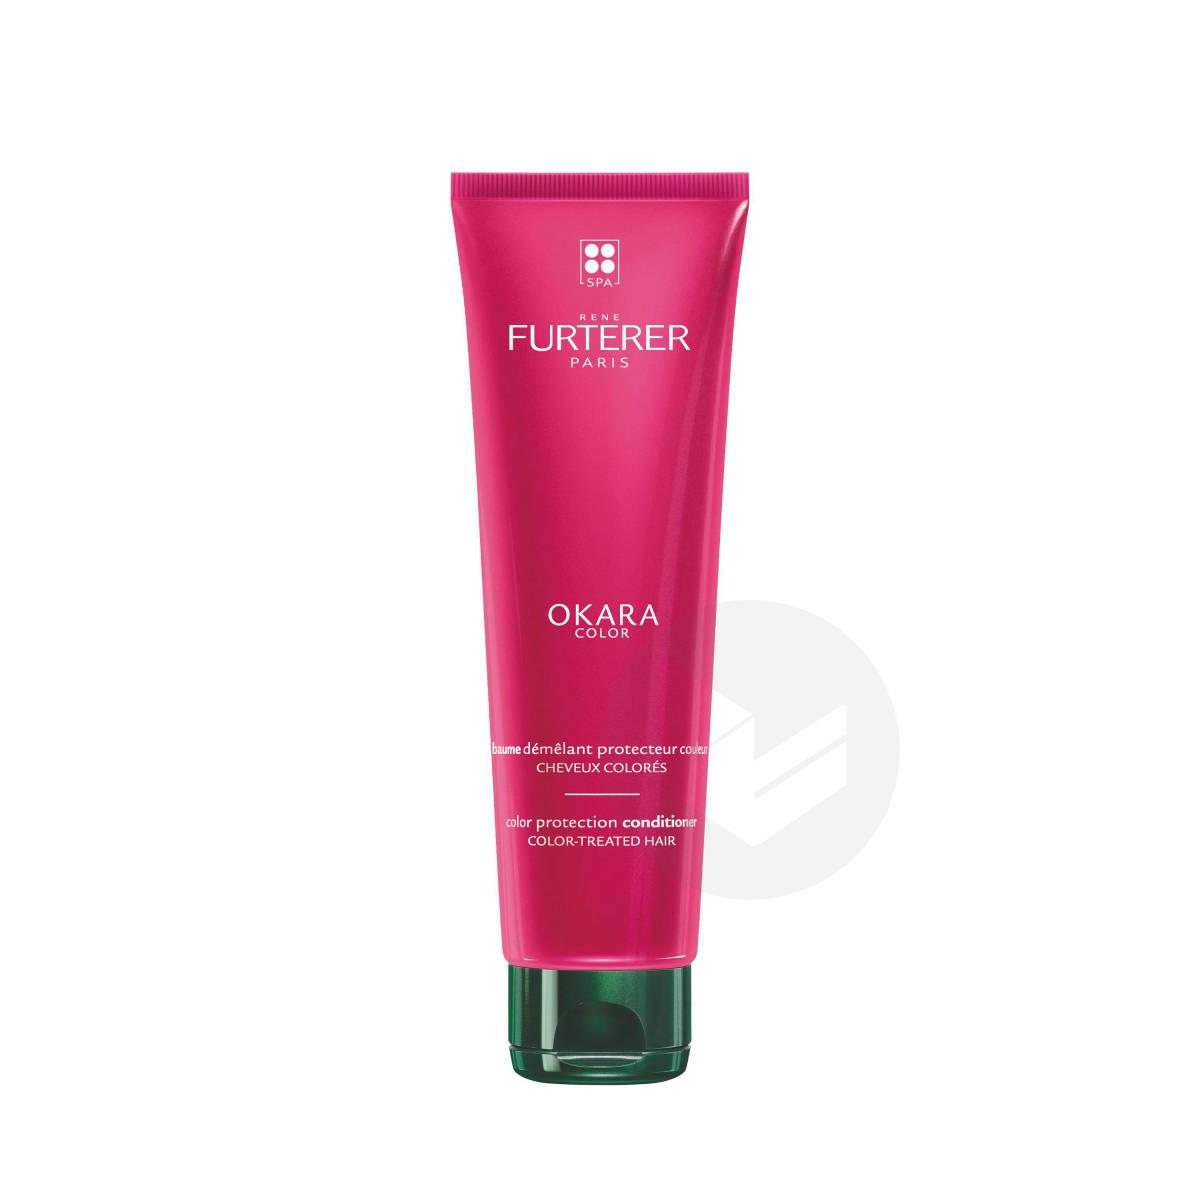 Baume démêlant protecteur couleur après shampoing cheveux colorés 150ml